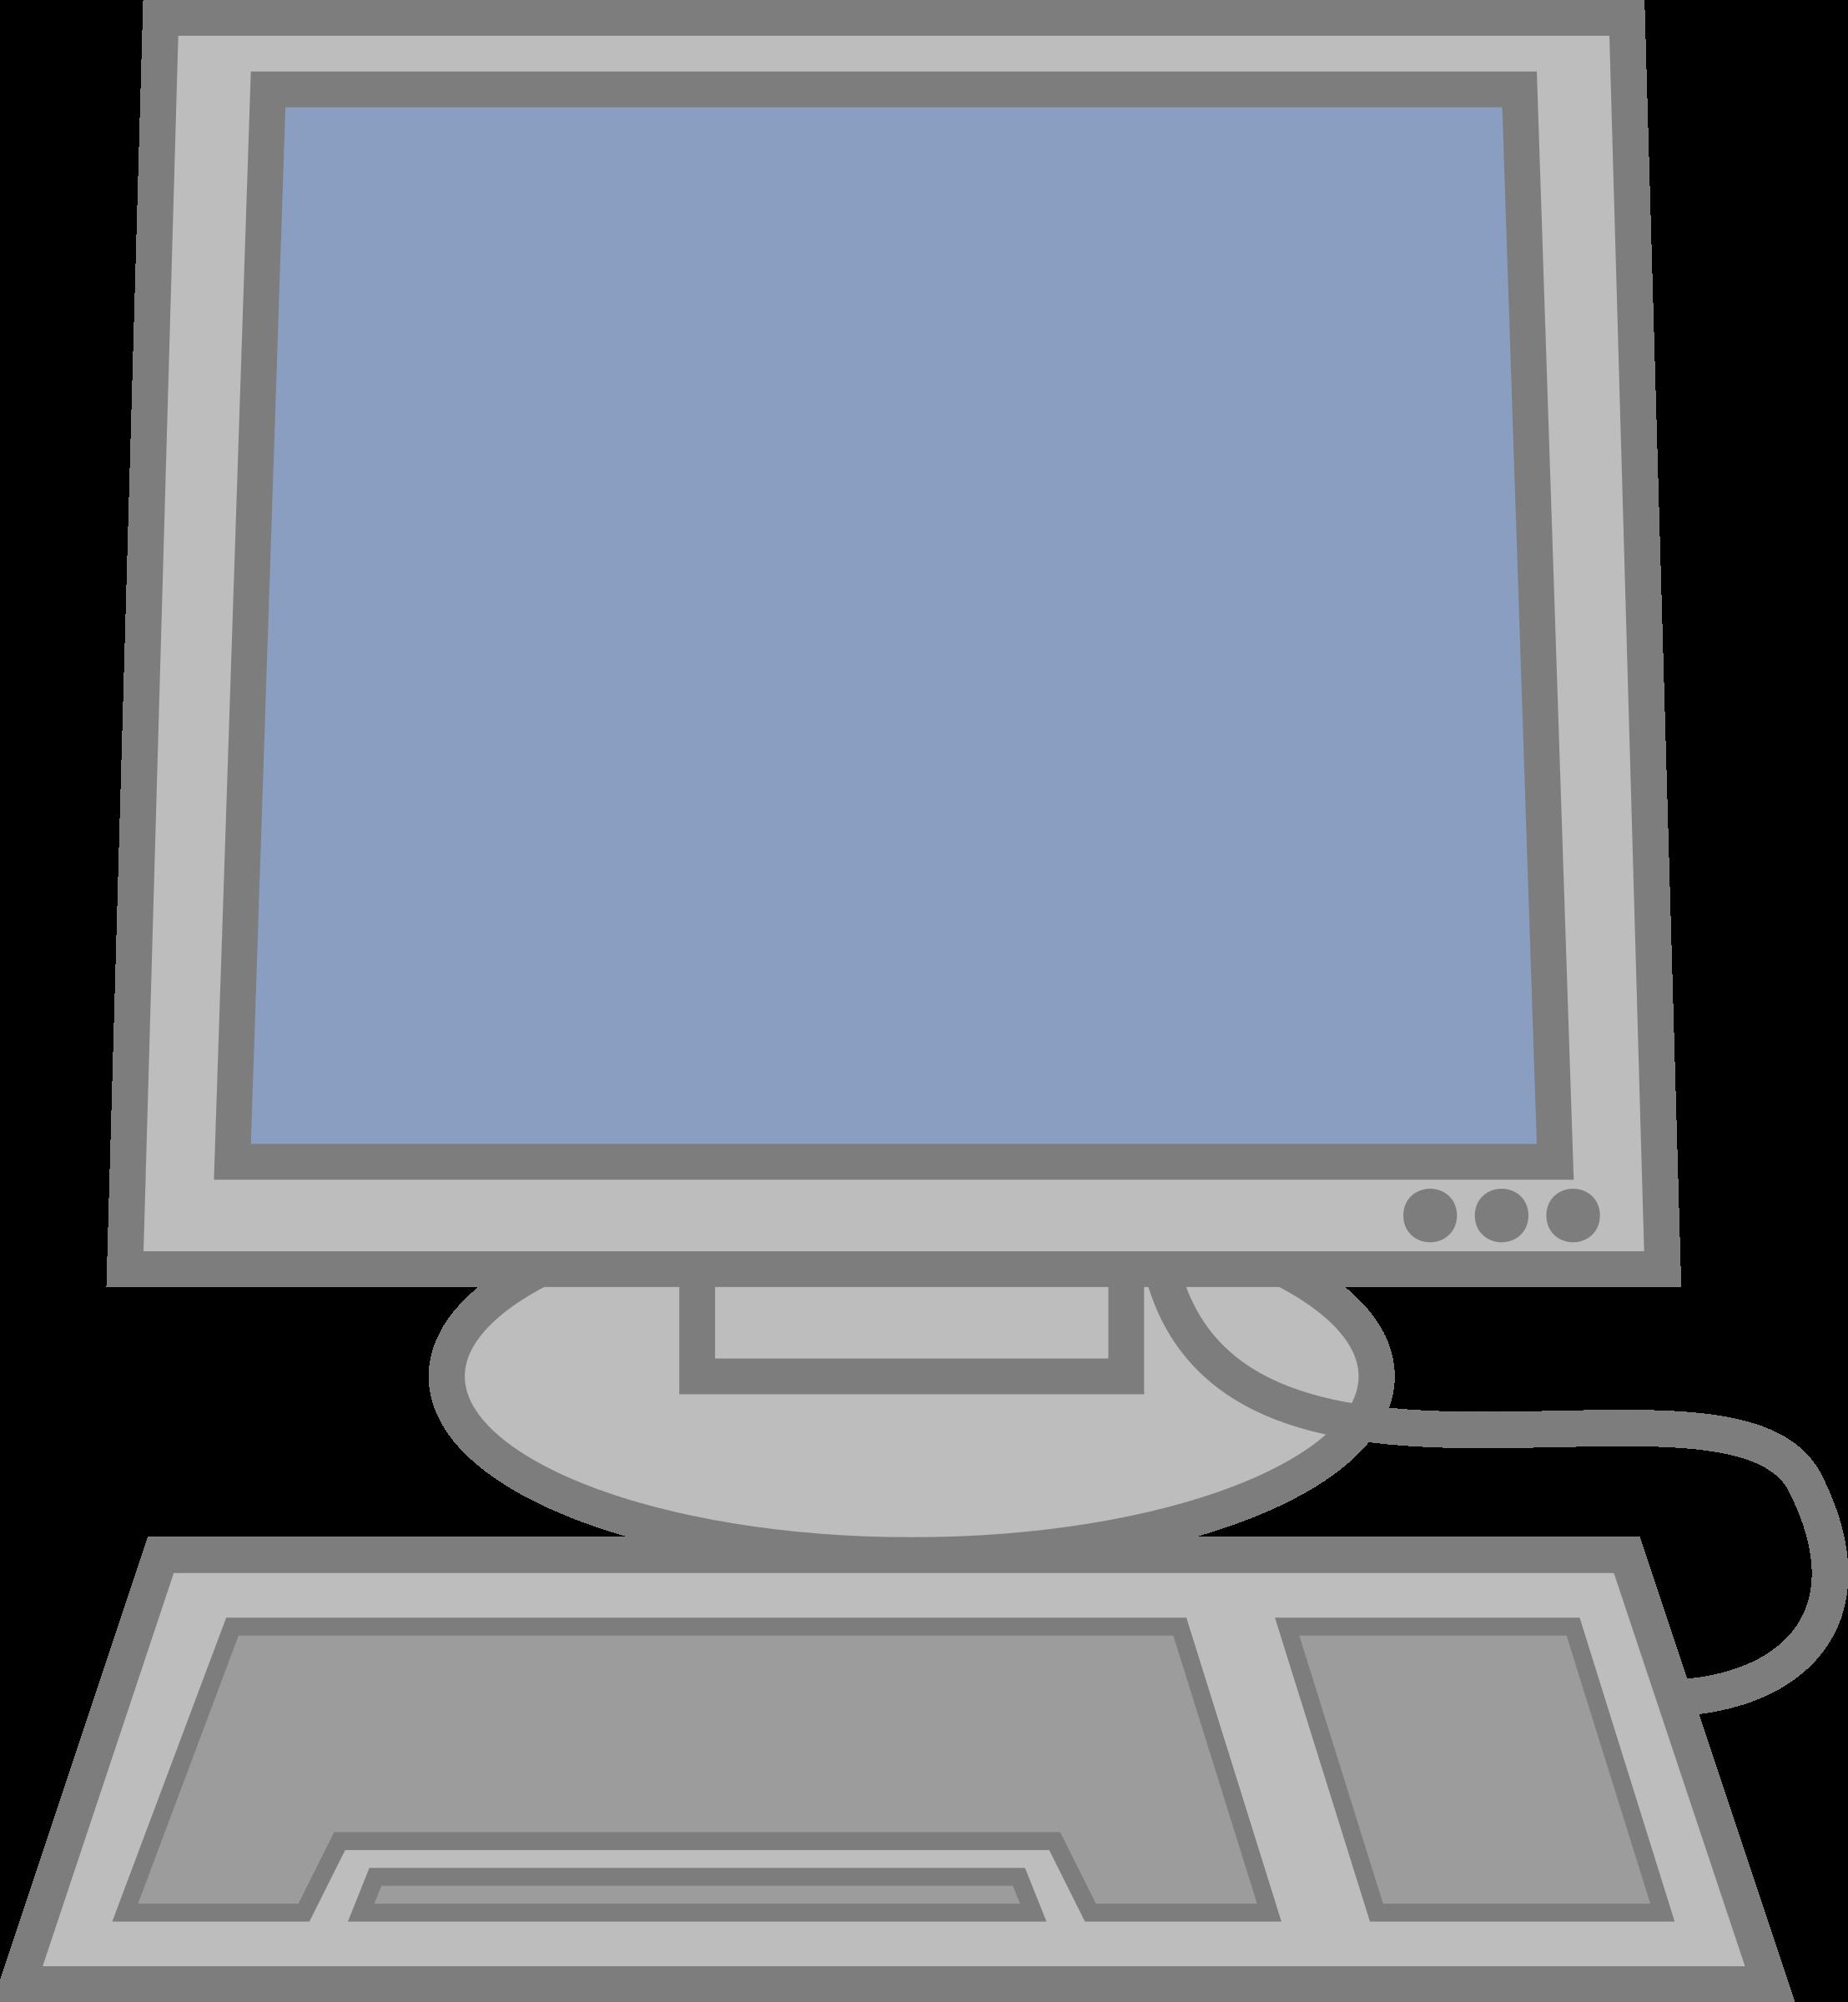 Computer clipart puter - Computer Clip Art